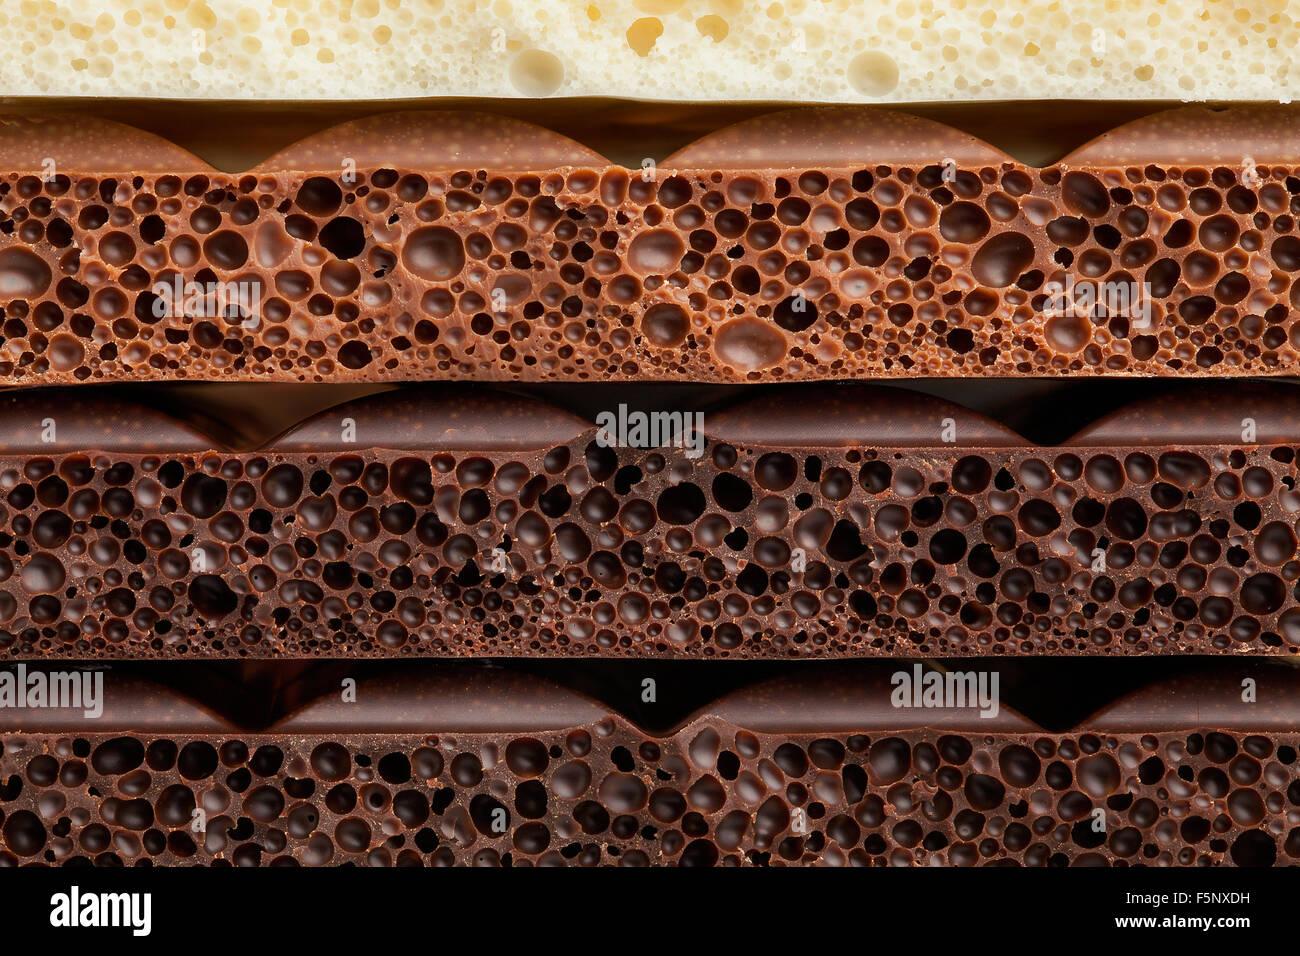 chocolate bar texture - Stock Image